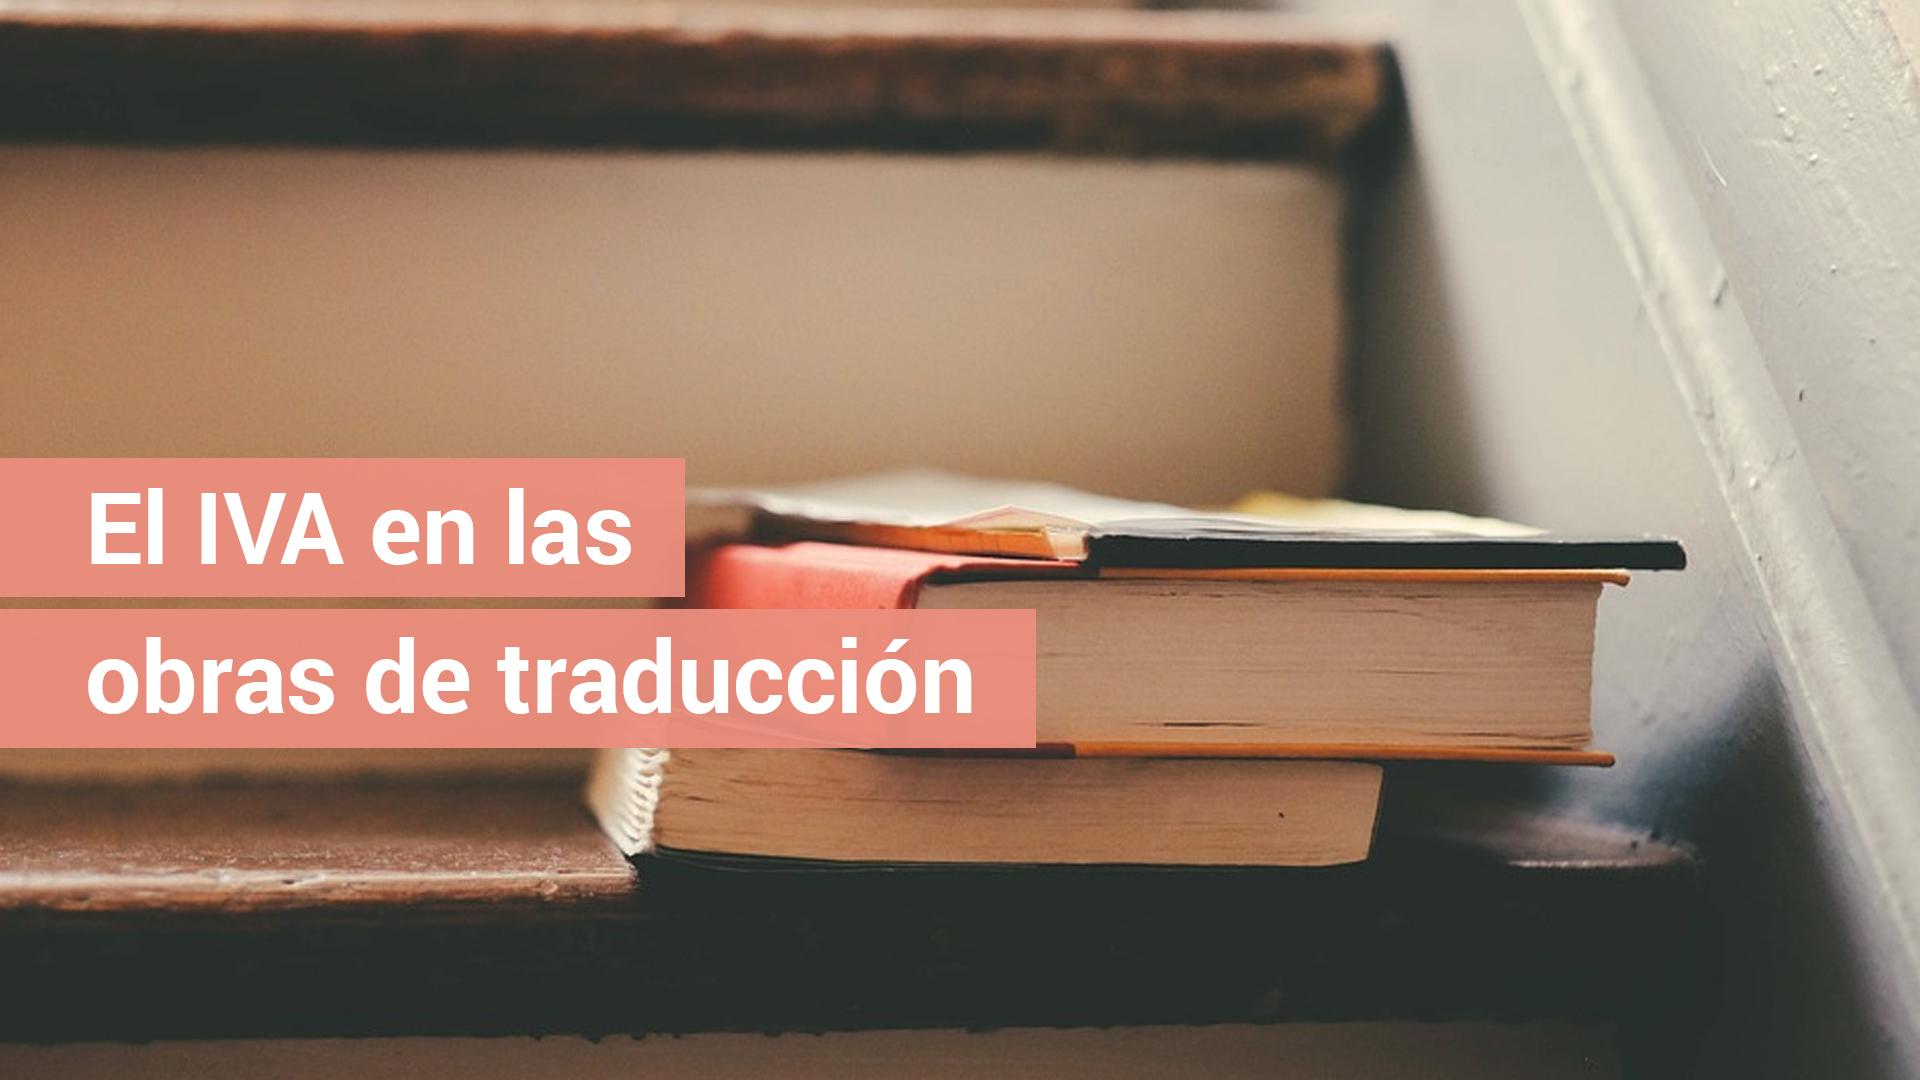 El IVA en las obras de traducción